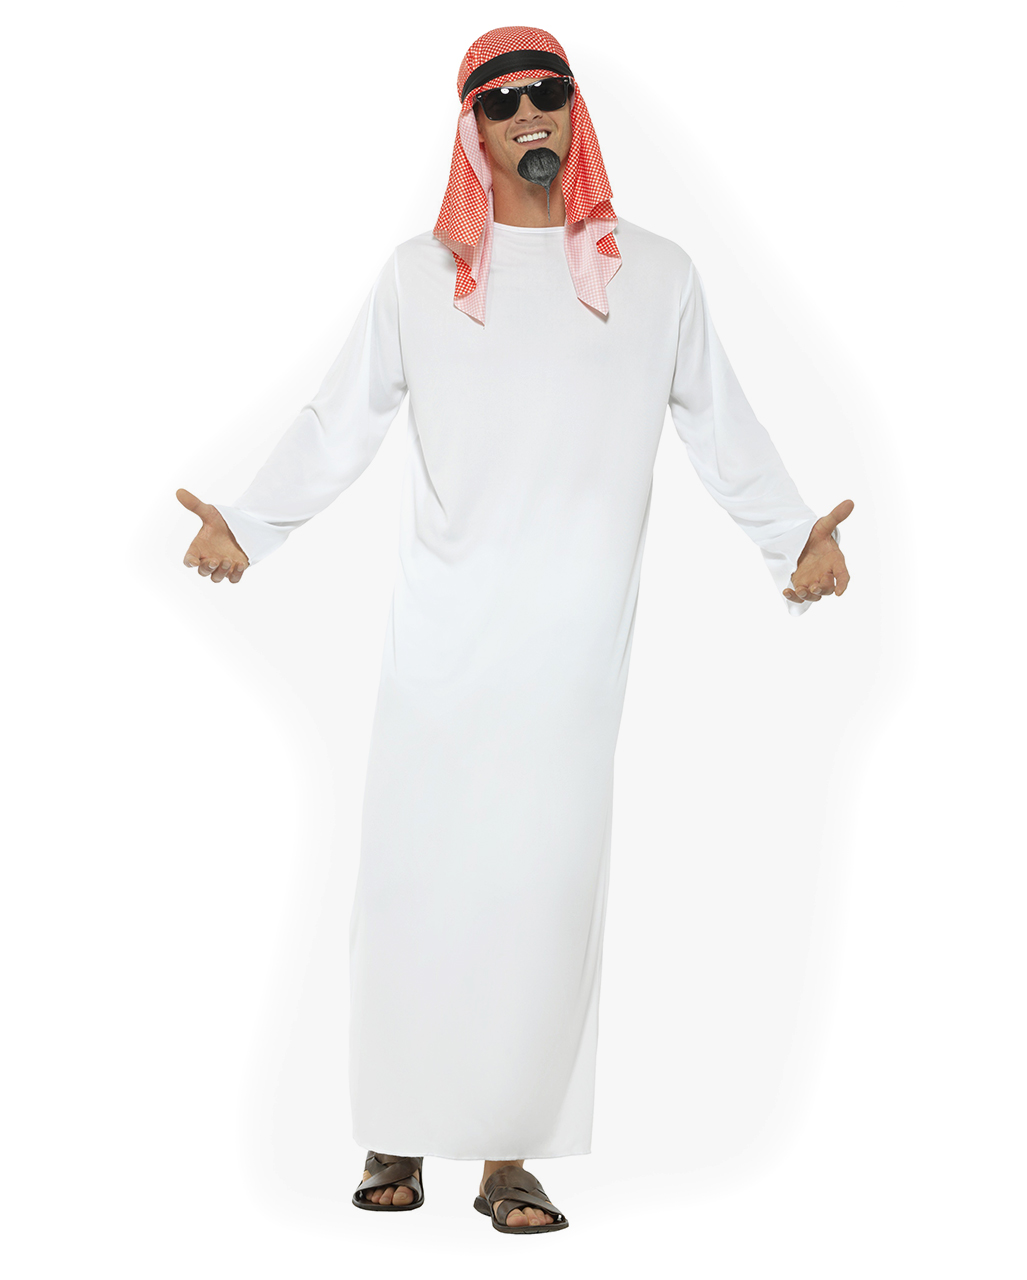 Orientalisches Araber Kostum Fur Den Karnevalsumzug Karneval Universe